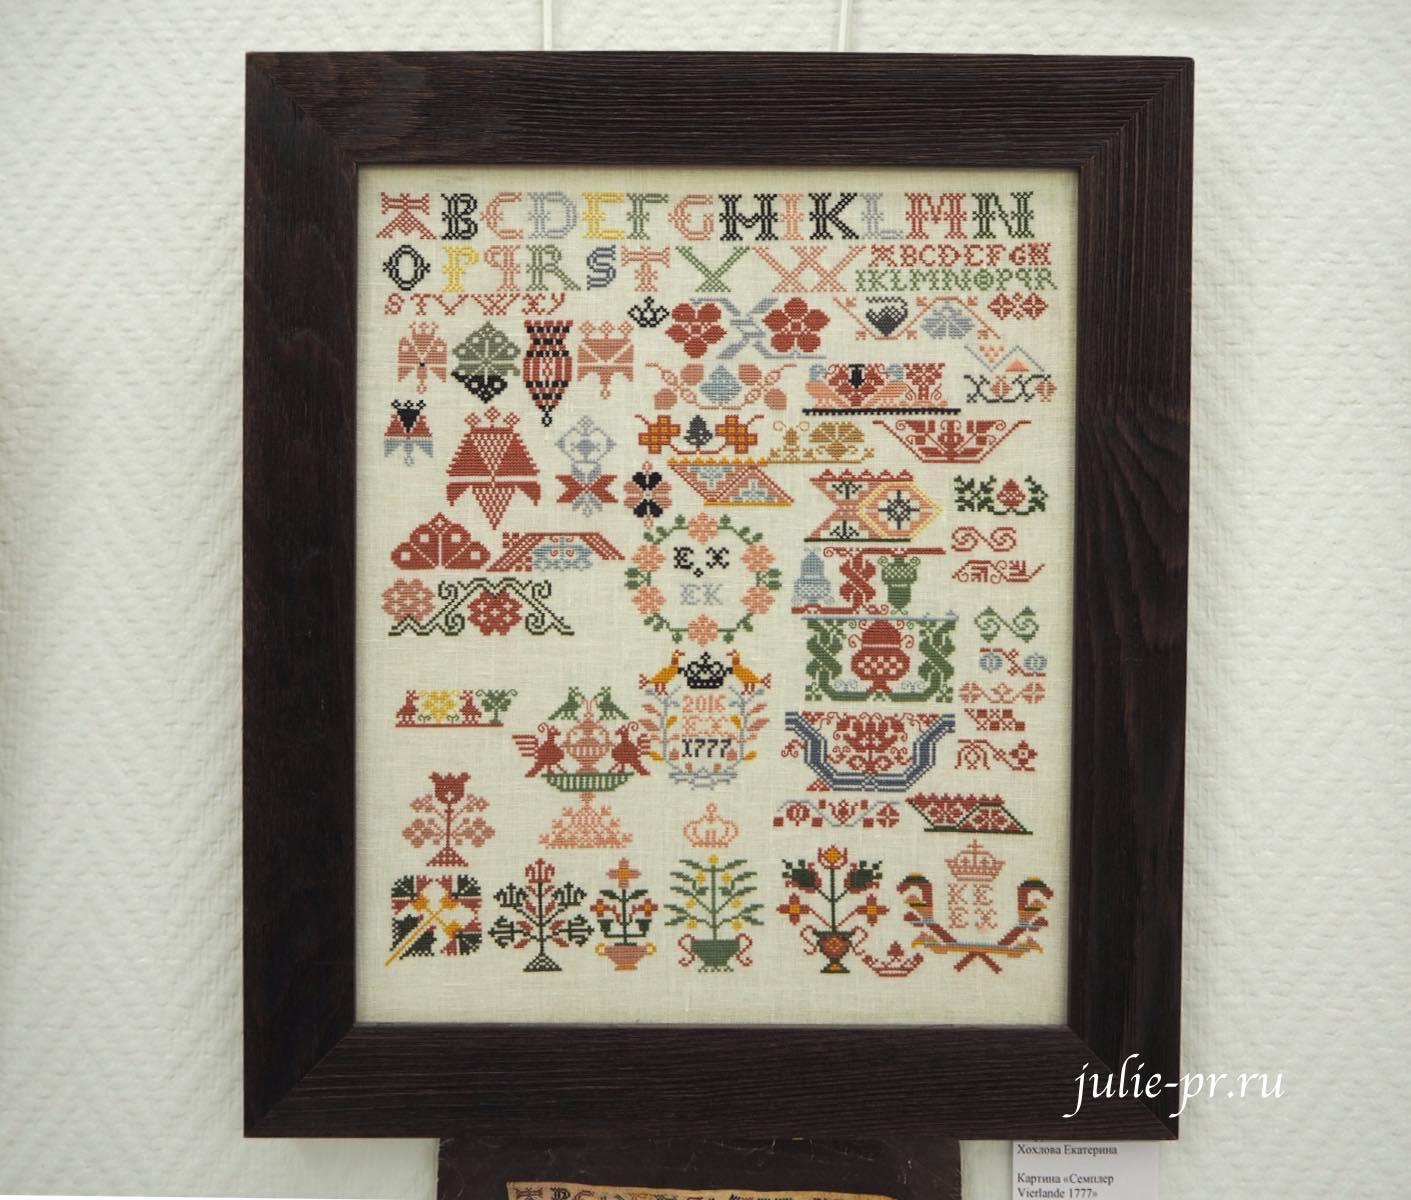 Семплер Vierlande 1777, вышивка крестом, выставка, Иголочка тонка, да достаёт до сердца, Санкт-Петербург,